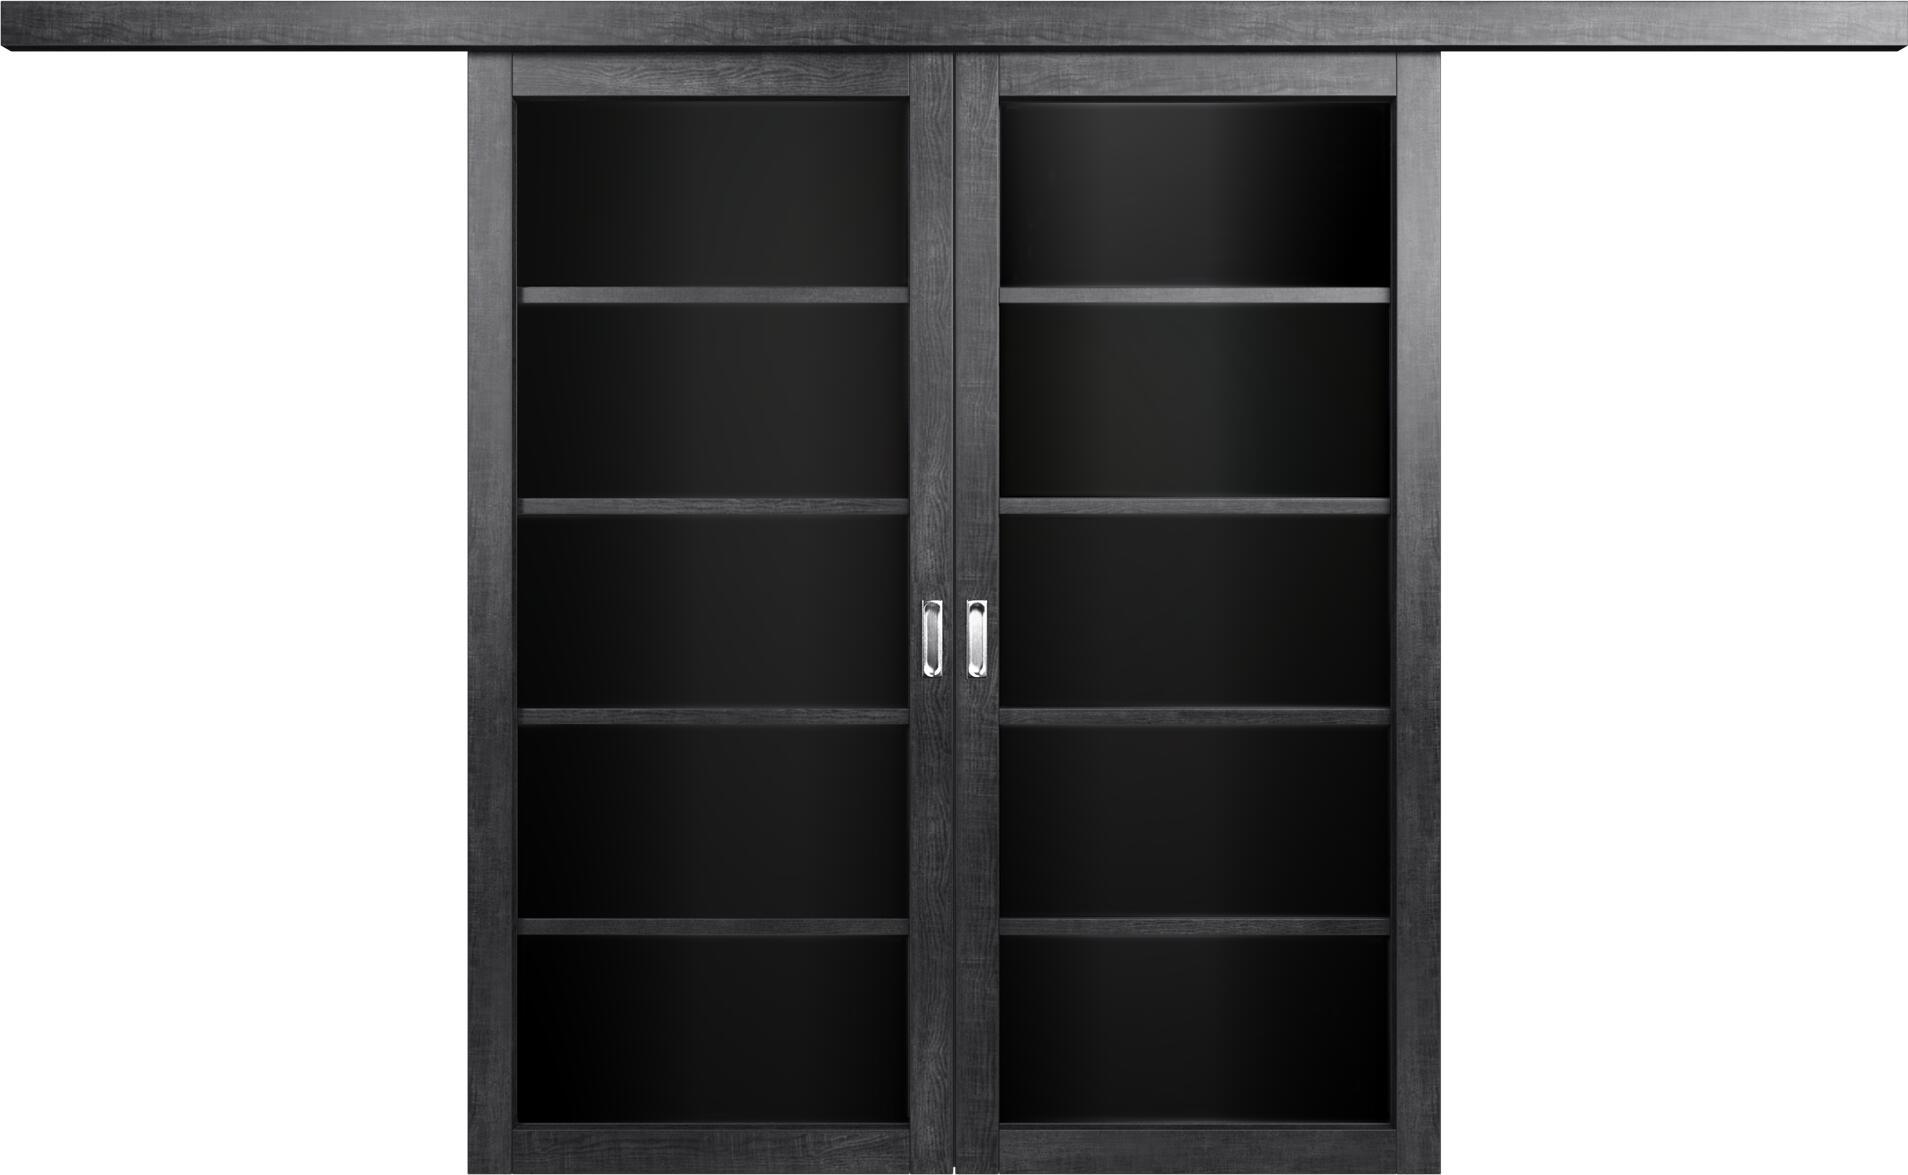 Коллекция Перегородки Перегородка со стеклом. Тип 1 Венге пепельный + Триплекс черный